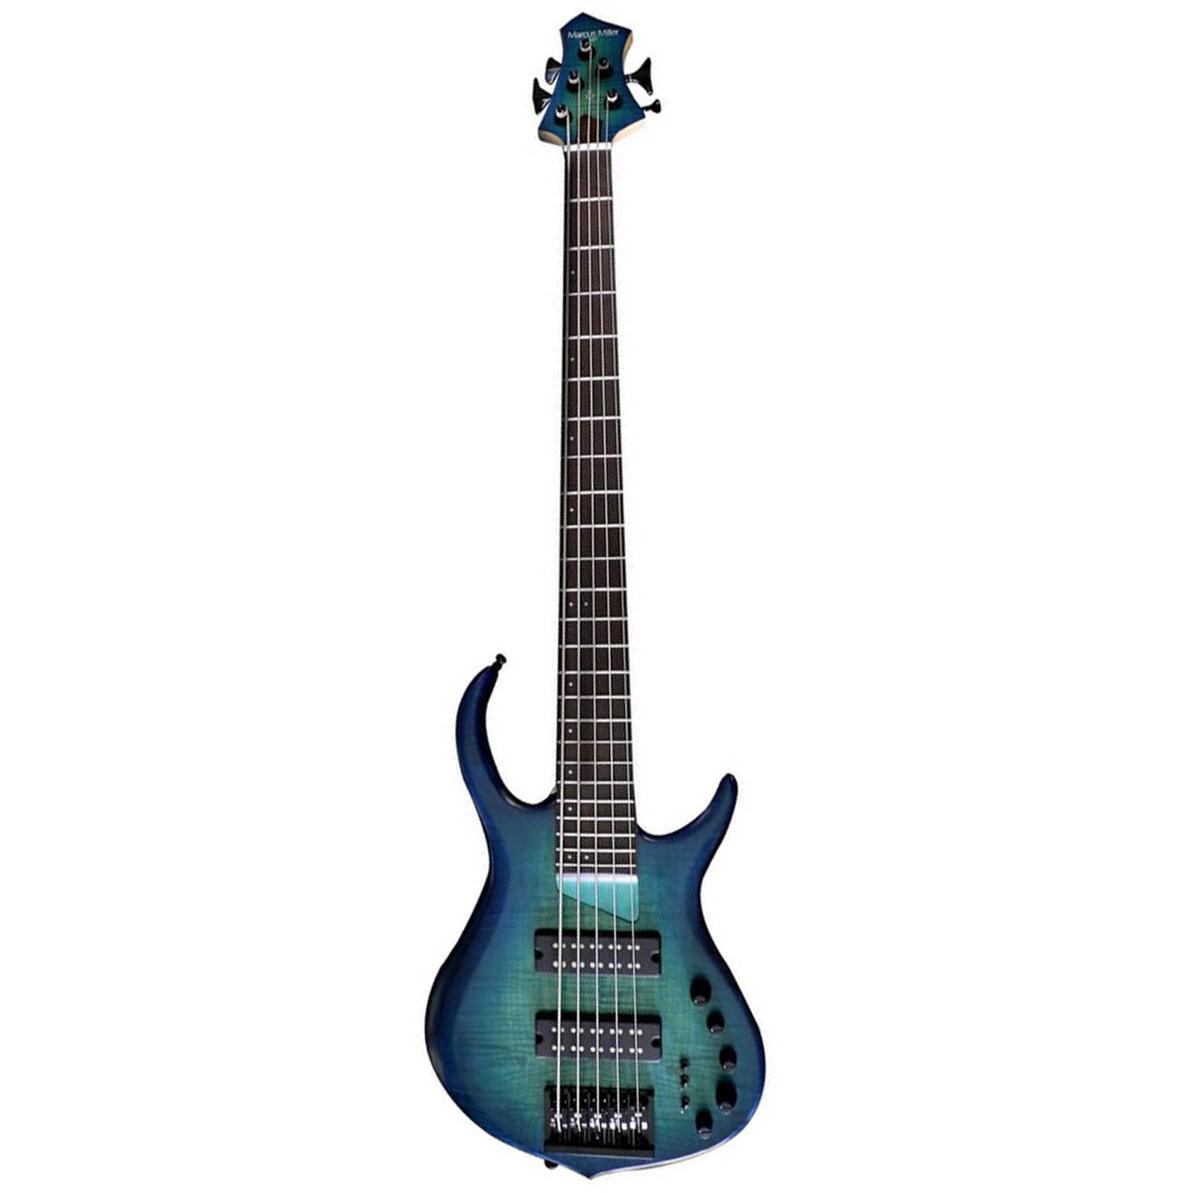 Sire Marcus Miller M7 ALDER-5 TBL el-bas, 5-strenget Satin Transparent Blue